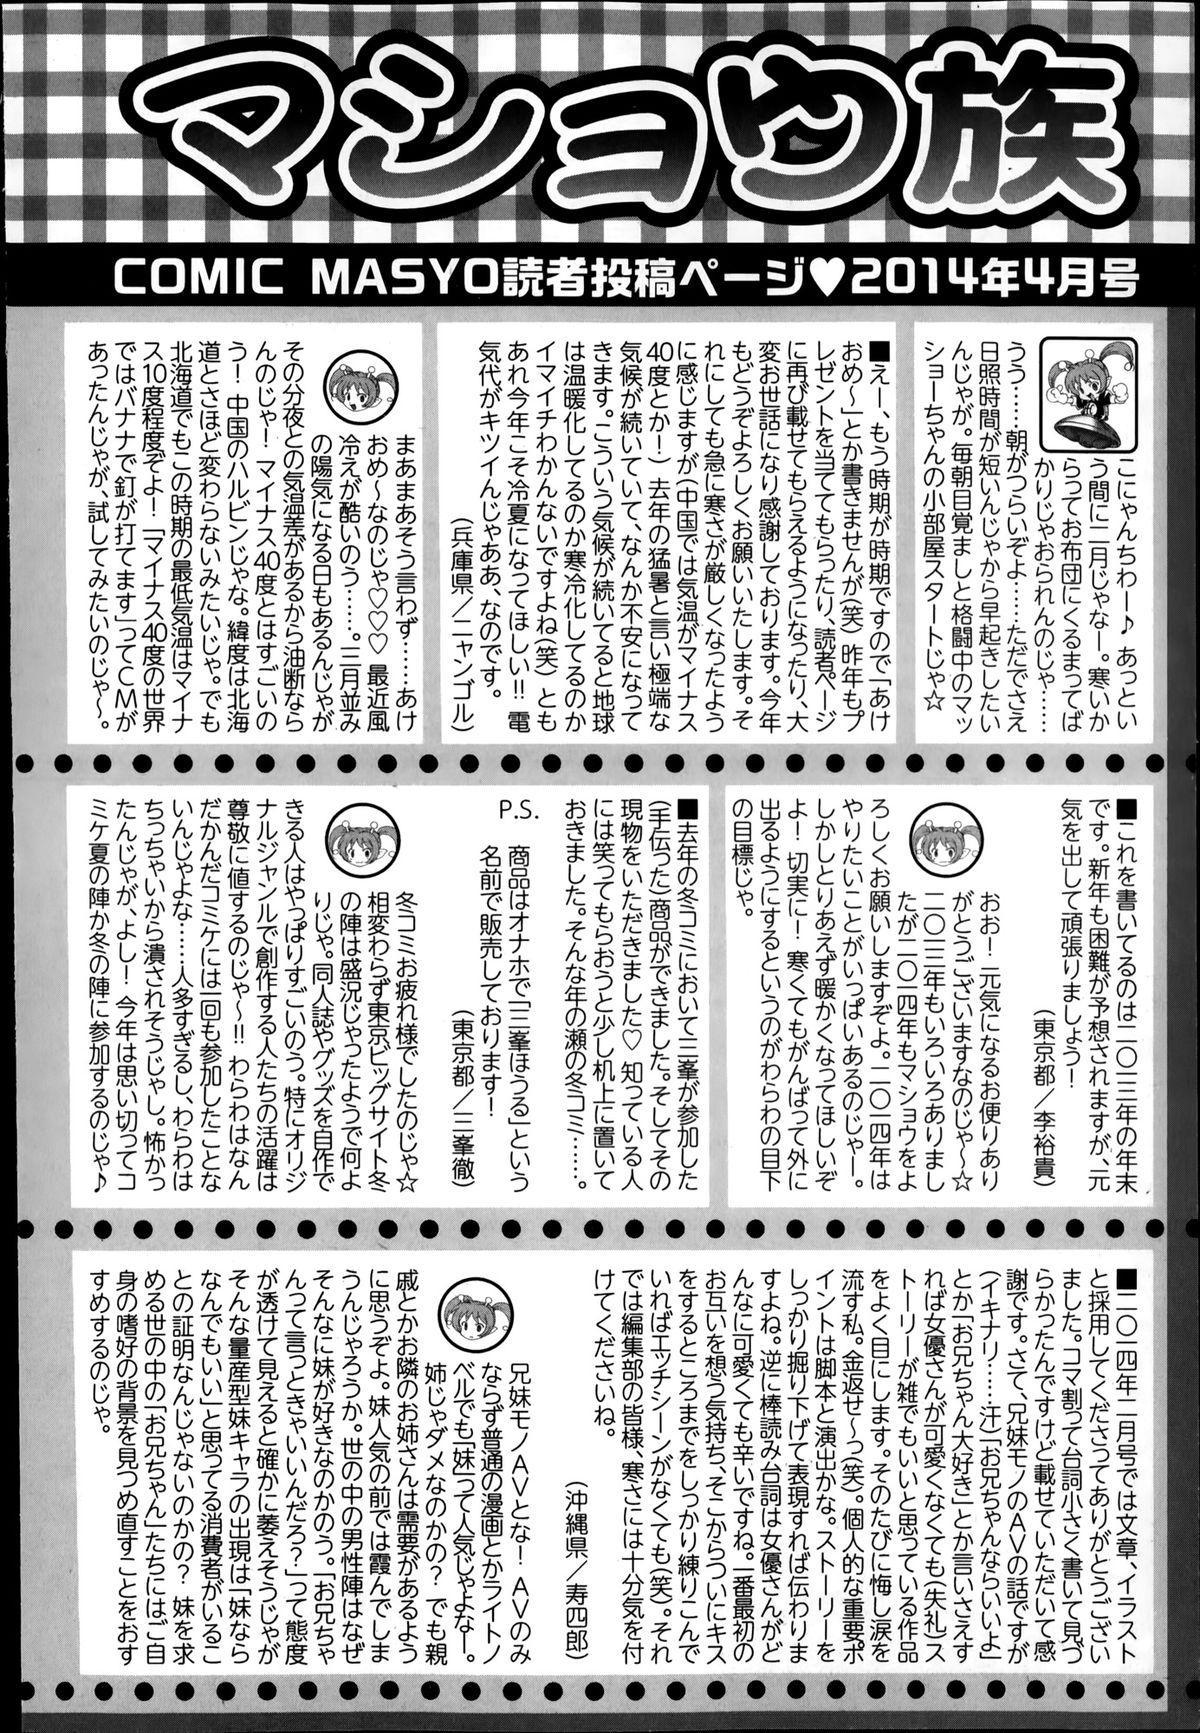 COMIC Masyo 2014-04 253